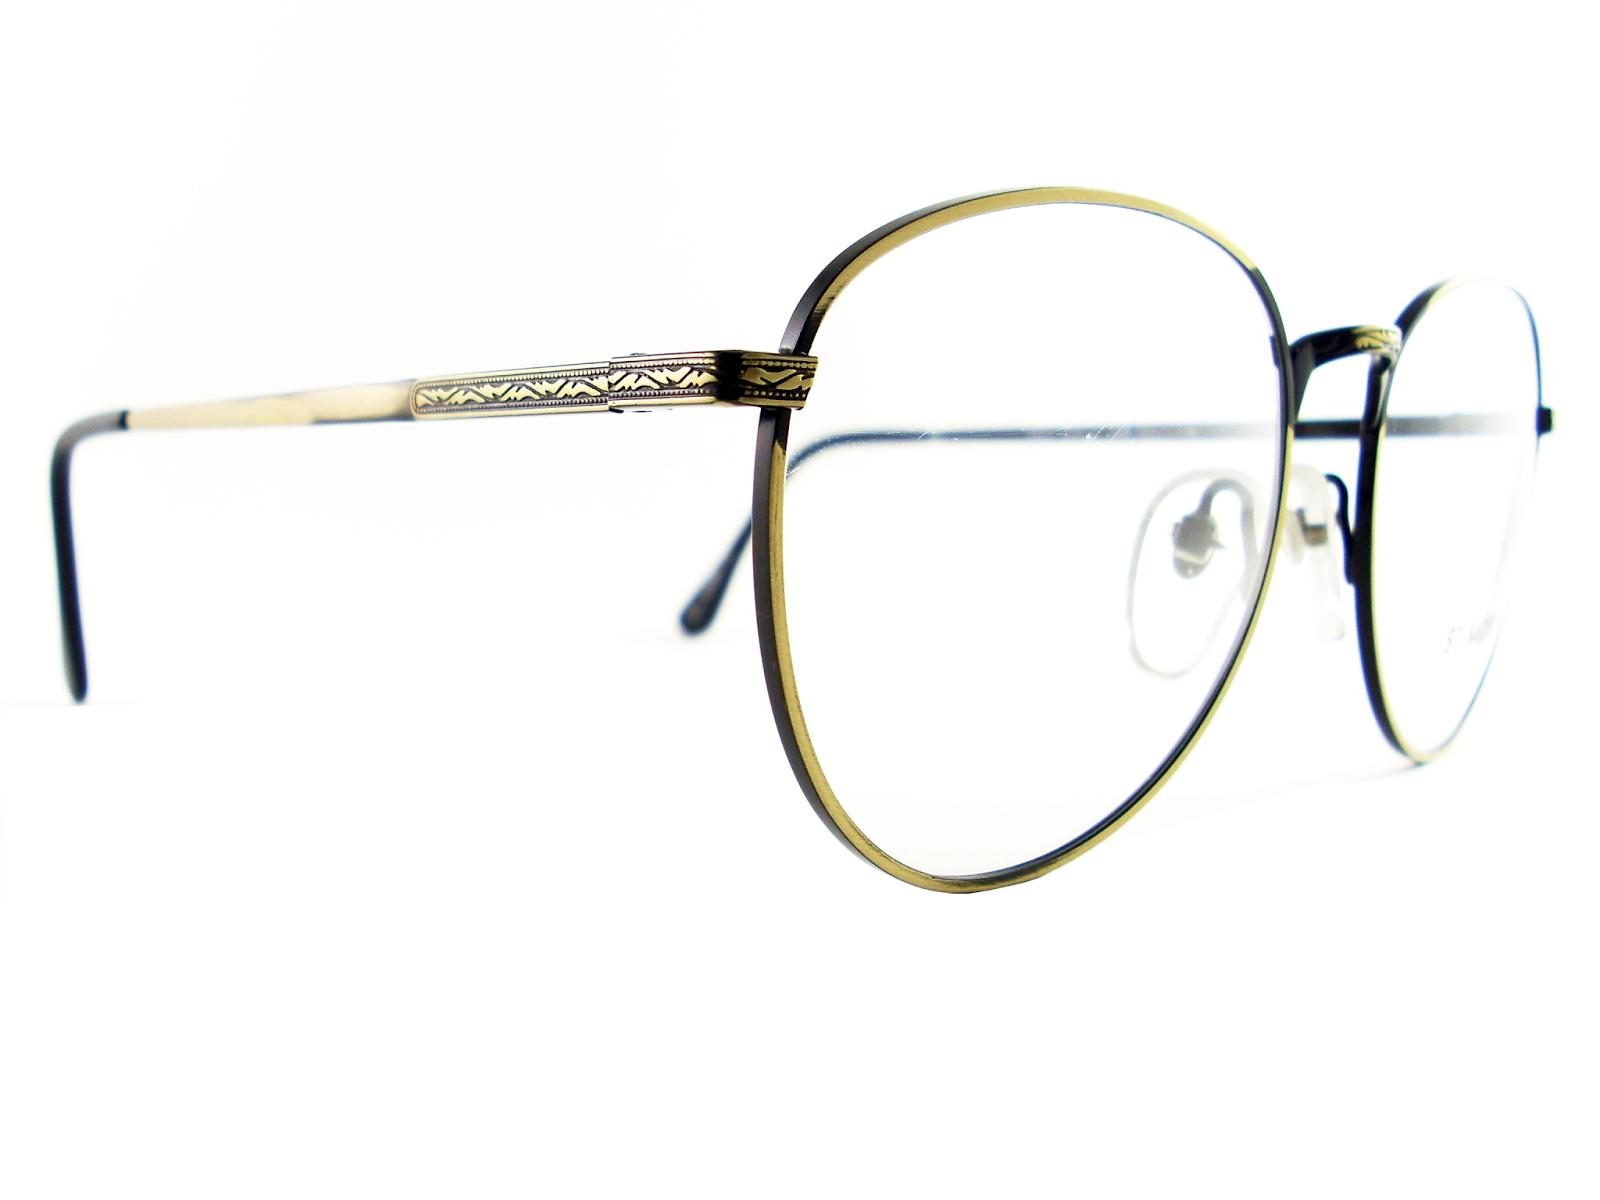 Old Gold Glasses Frames : Vintage Eyeglasses Frames Eyewear Sunglasses 50S: Vintage ...